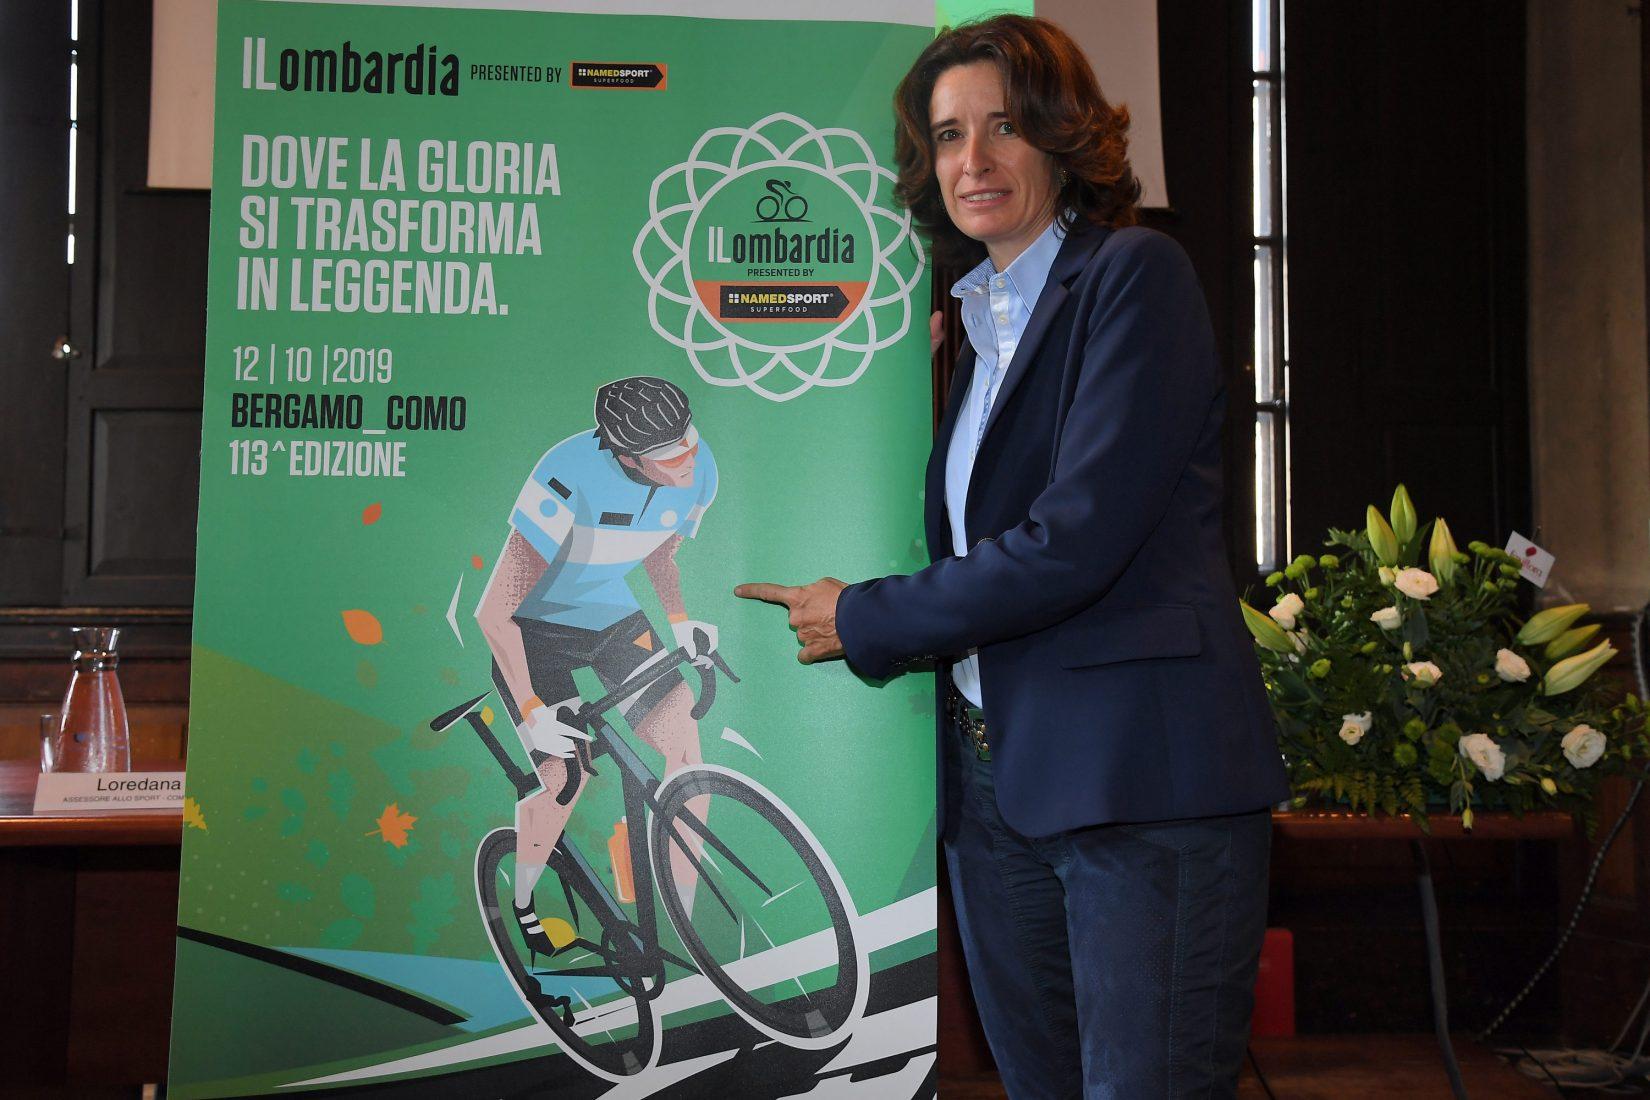 Il Lombardia 2019, nel nome di Gimondi